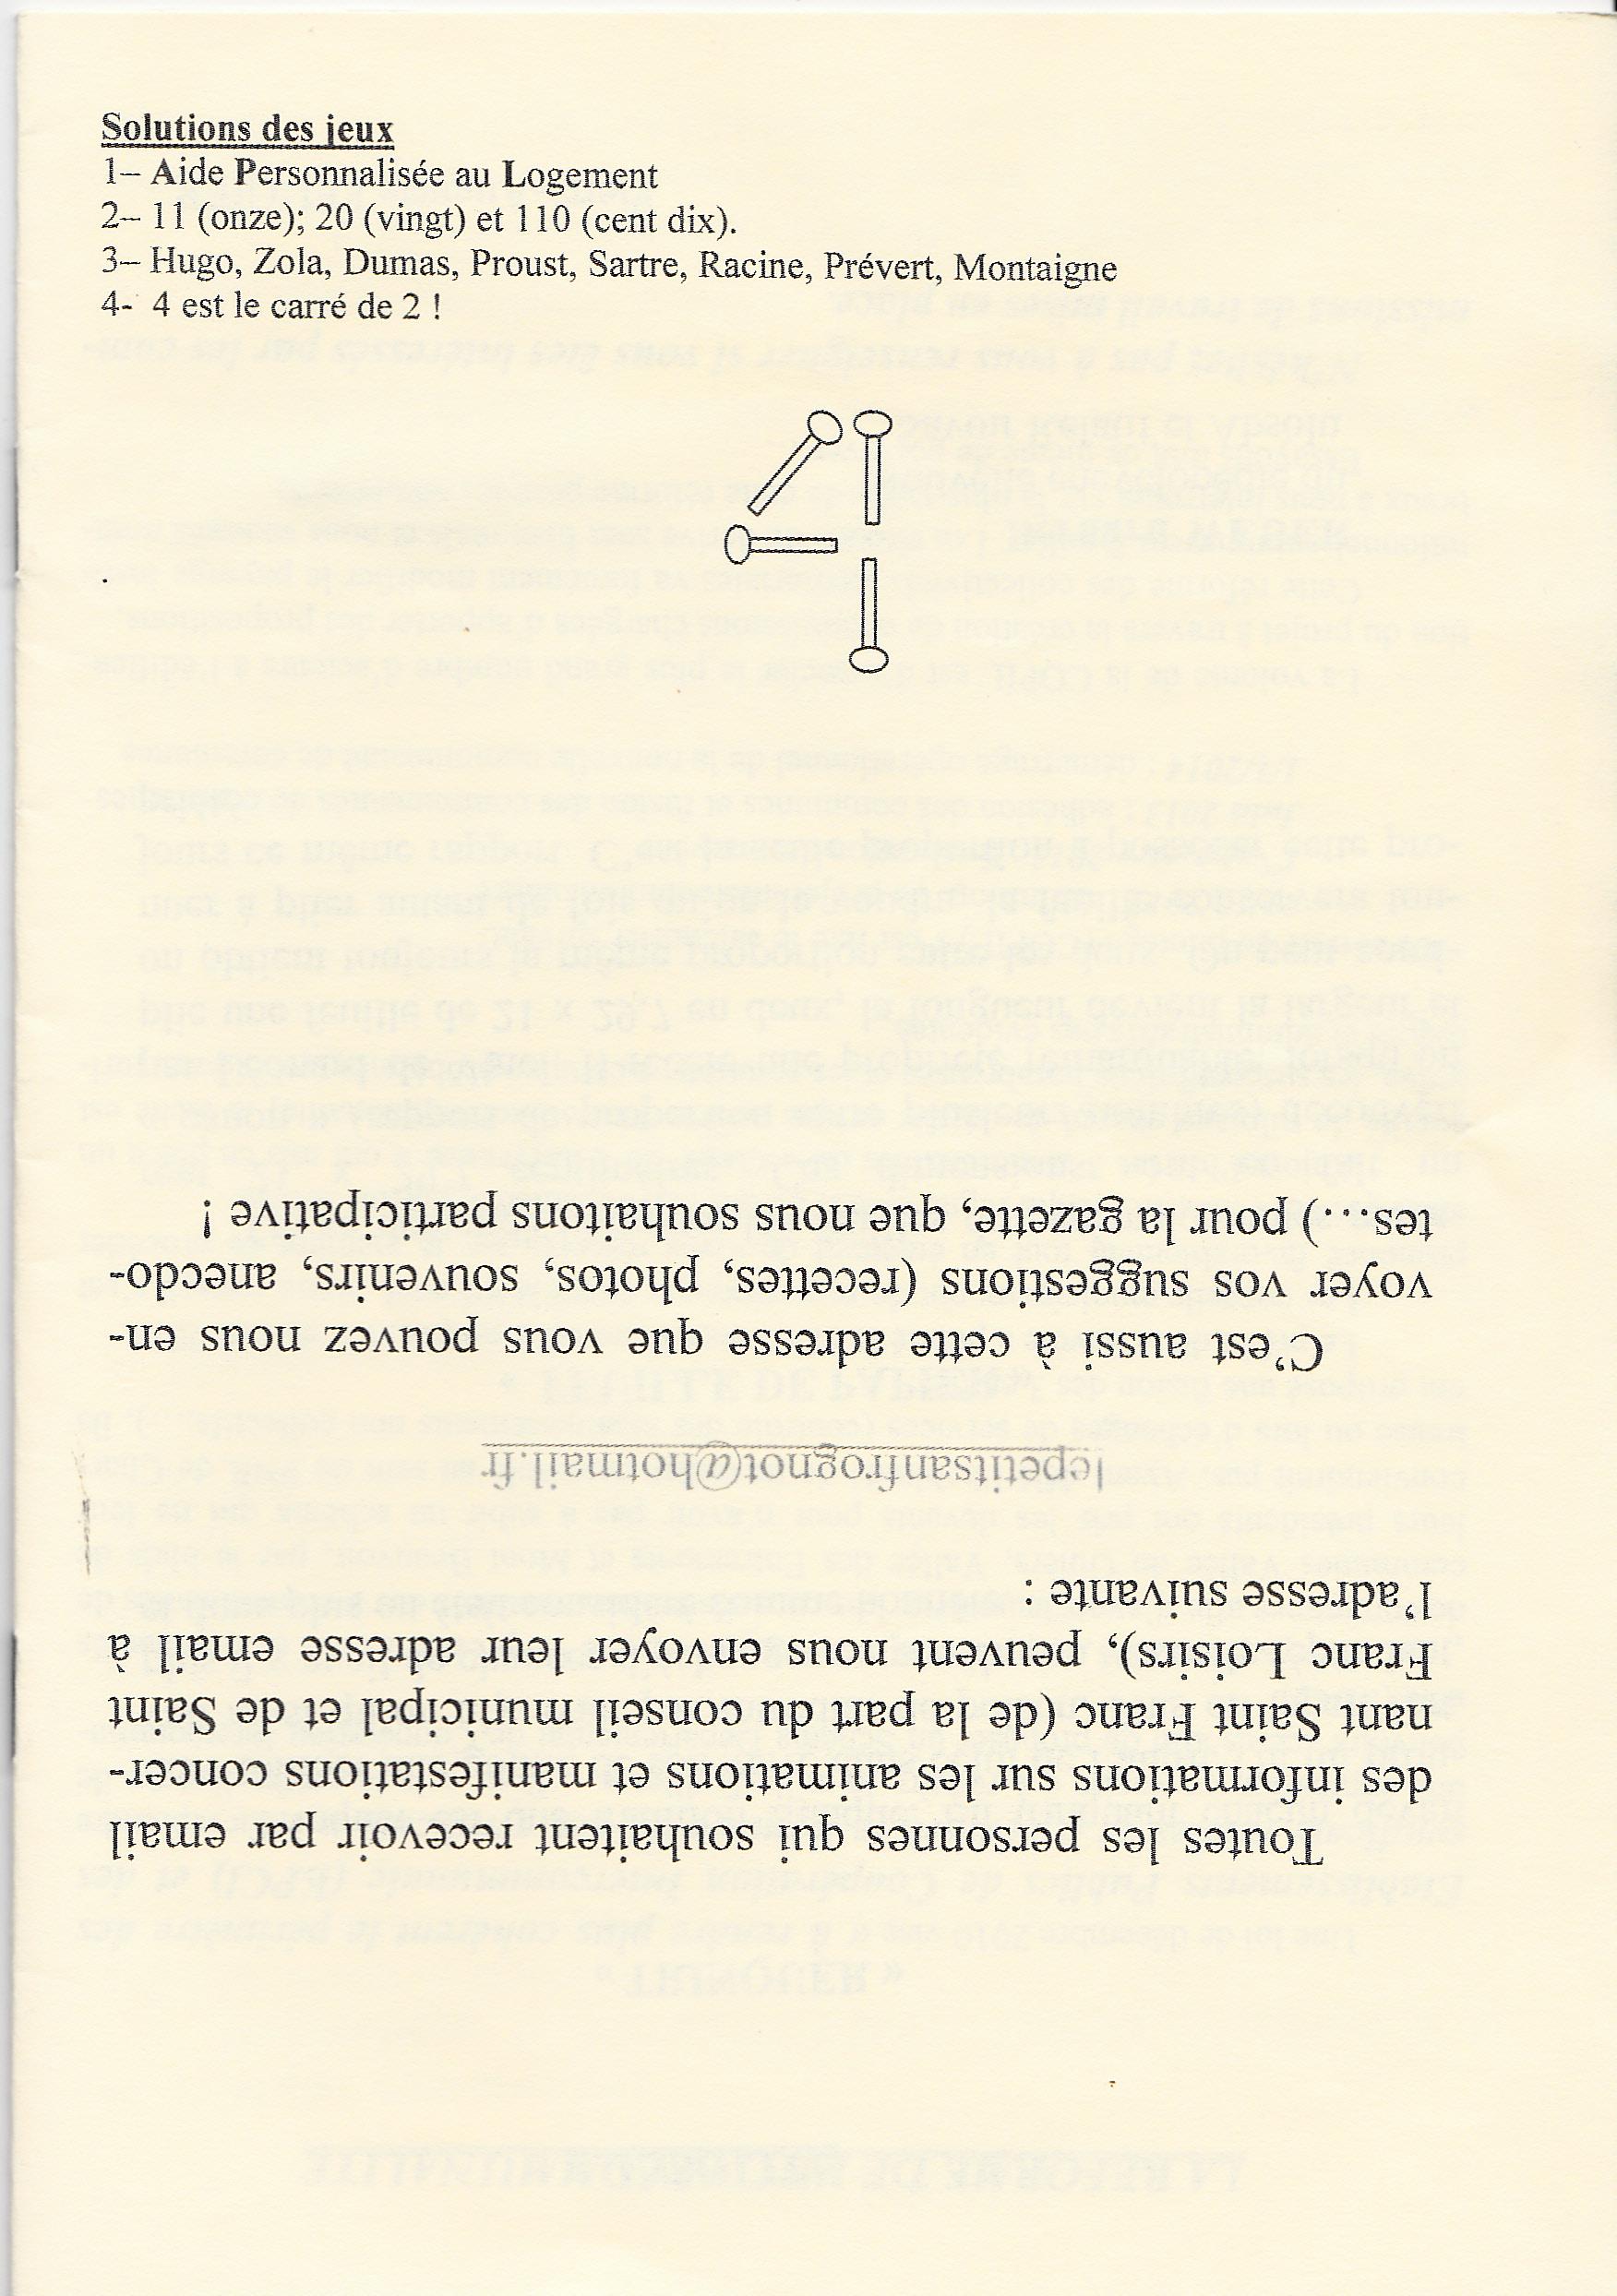 LPS n° 10 Page 16bis